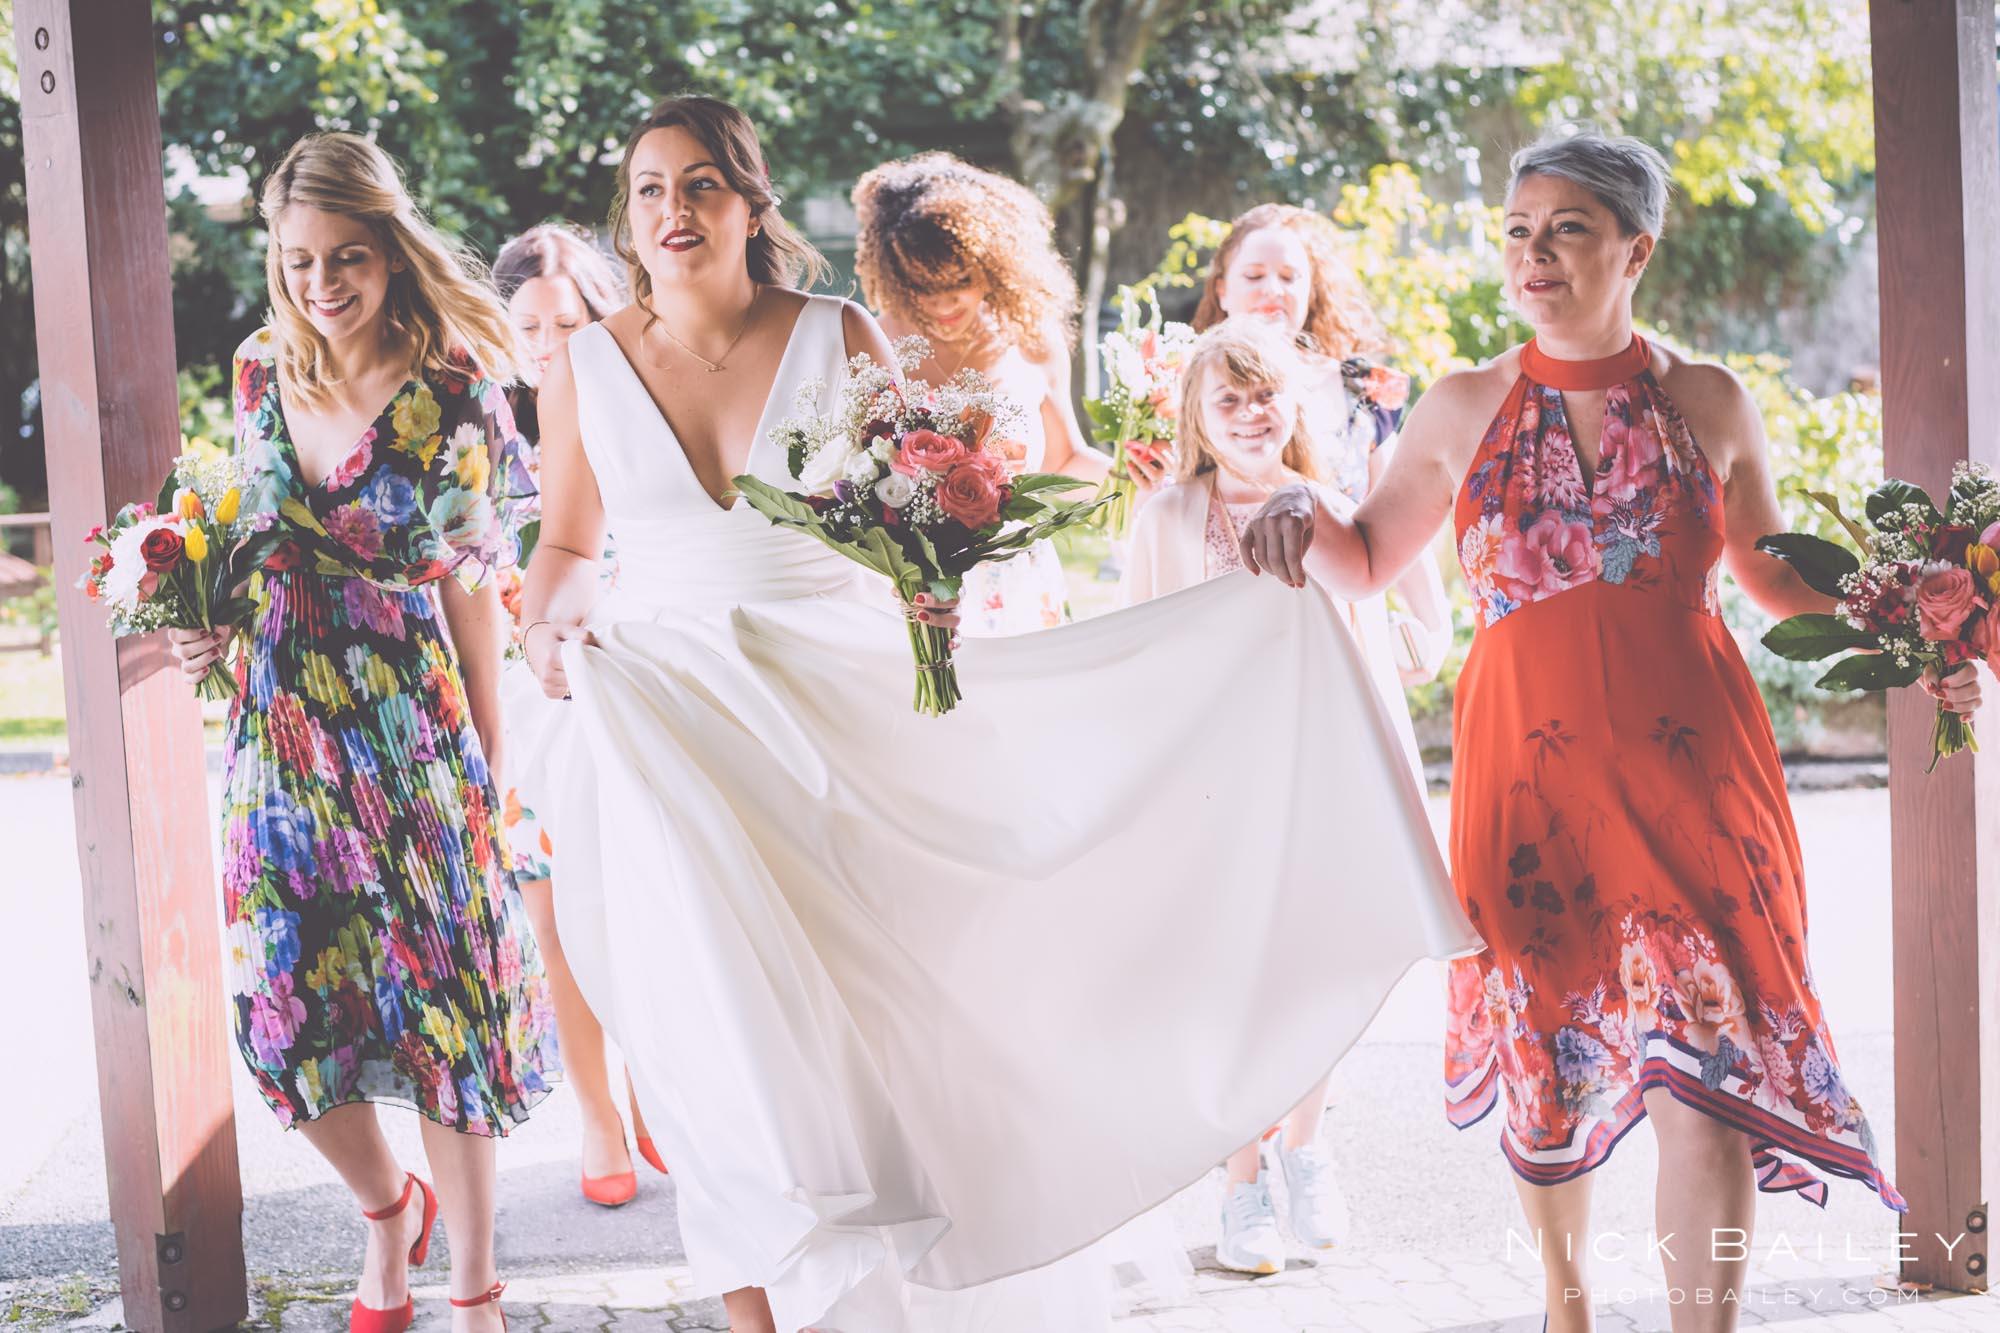 princess-pavilion-weddings-15.jpg